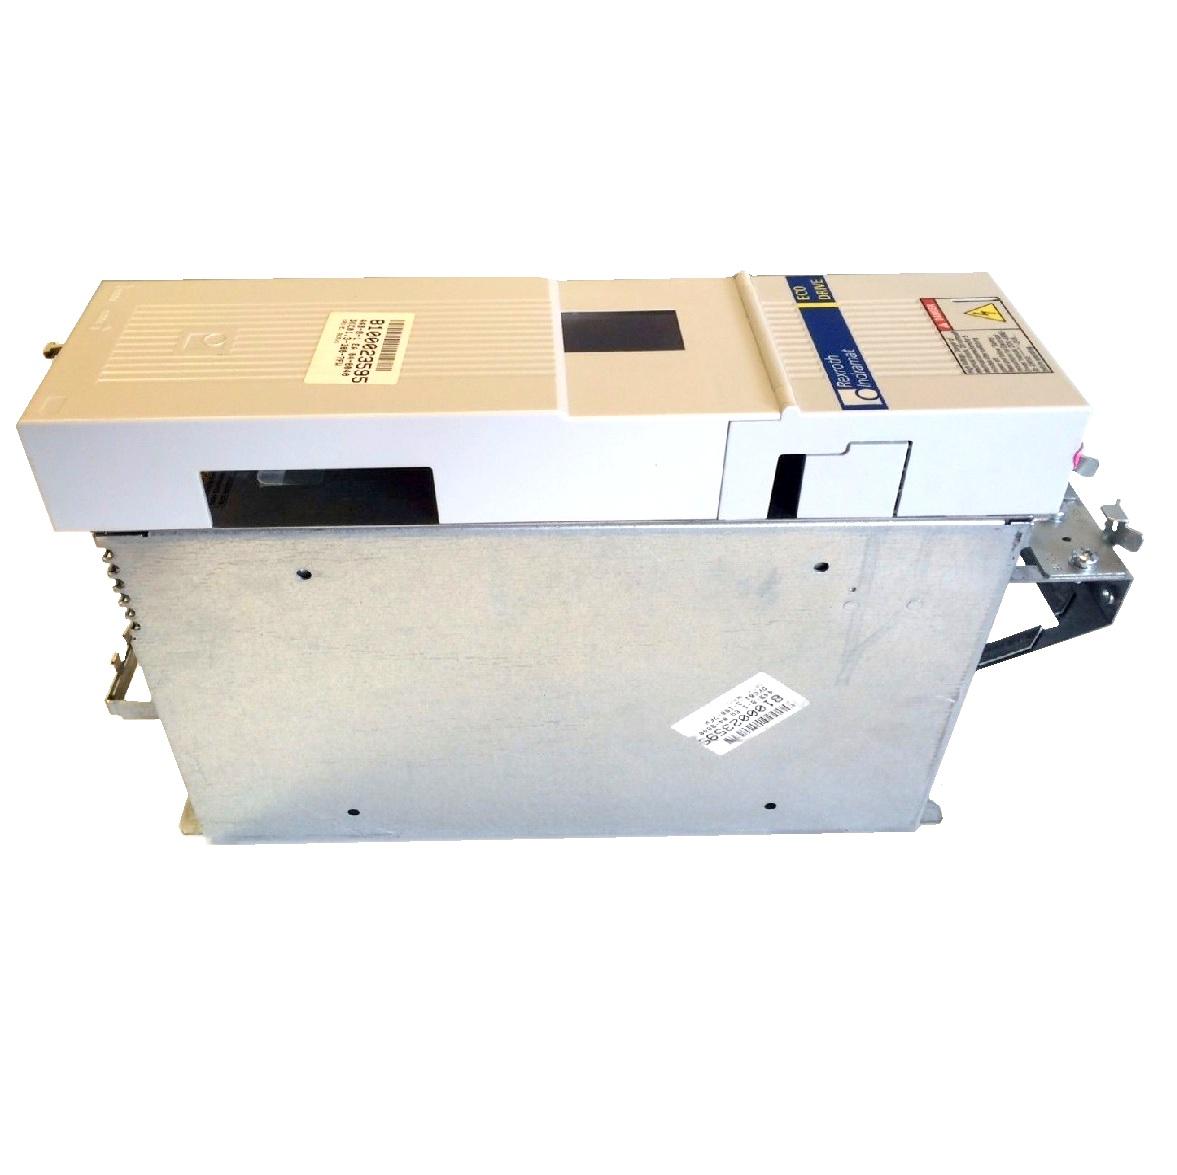 DKC06.3-100-7-FW